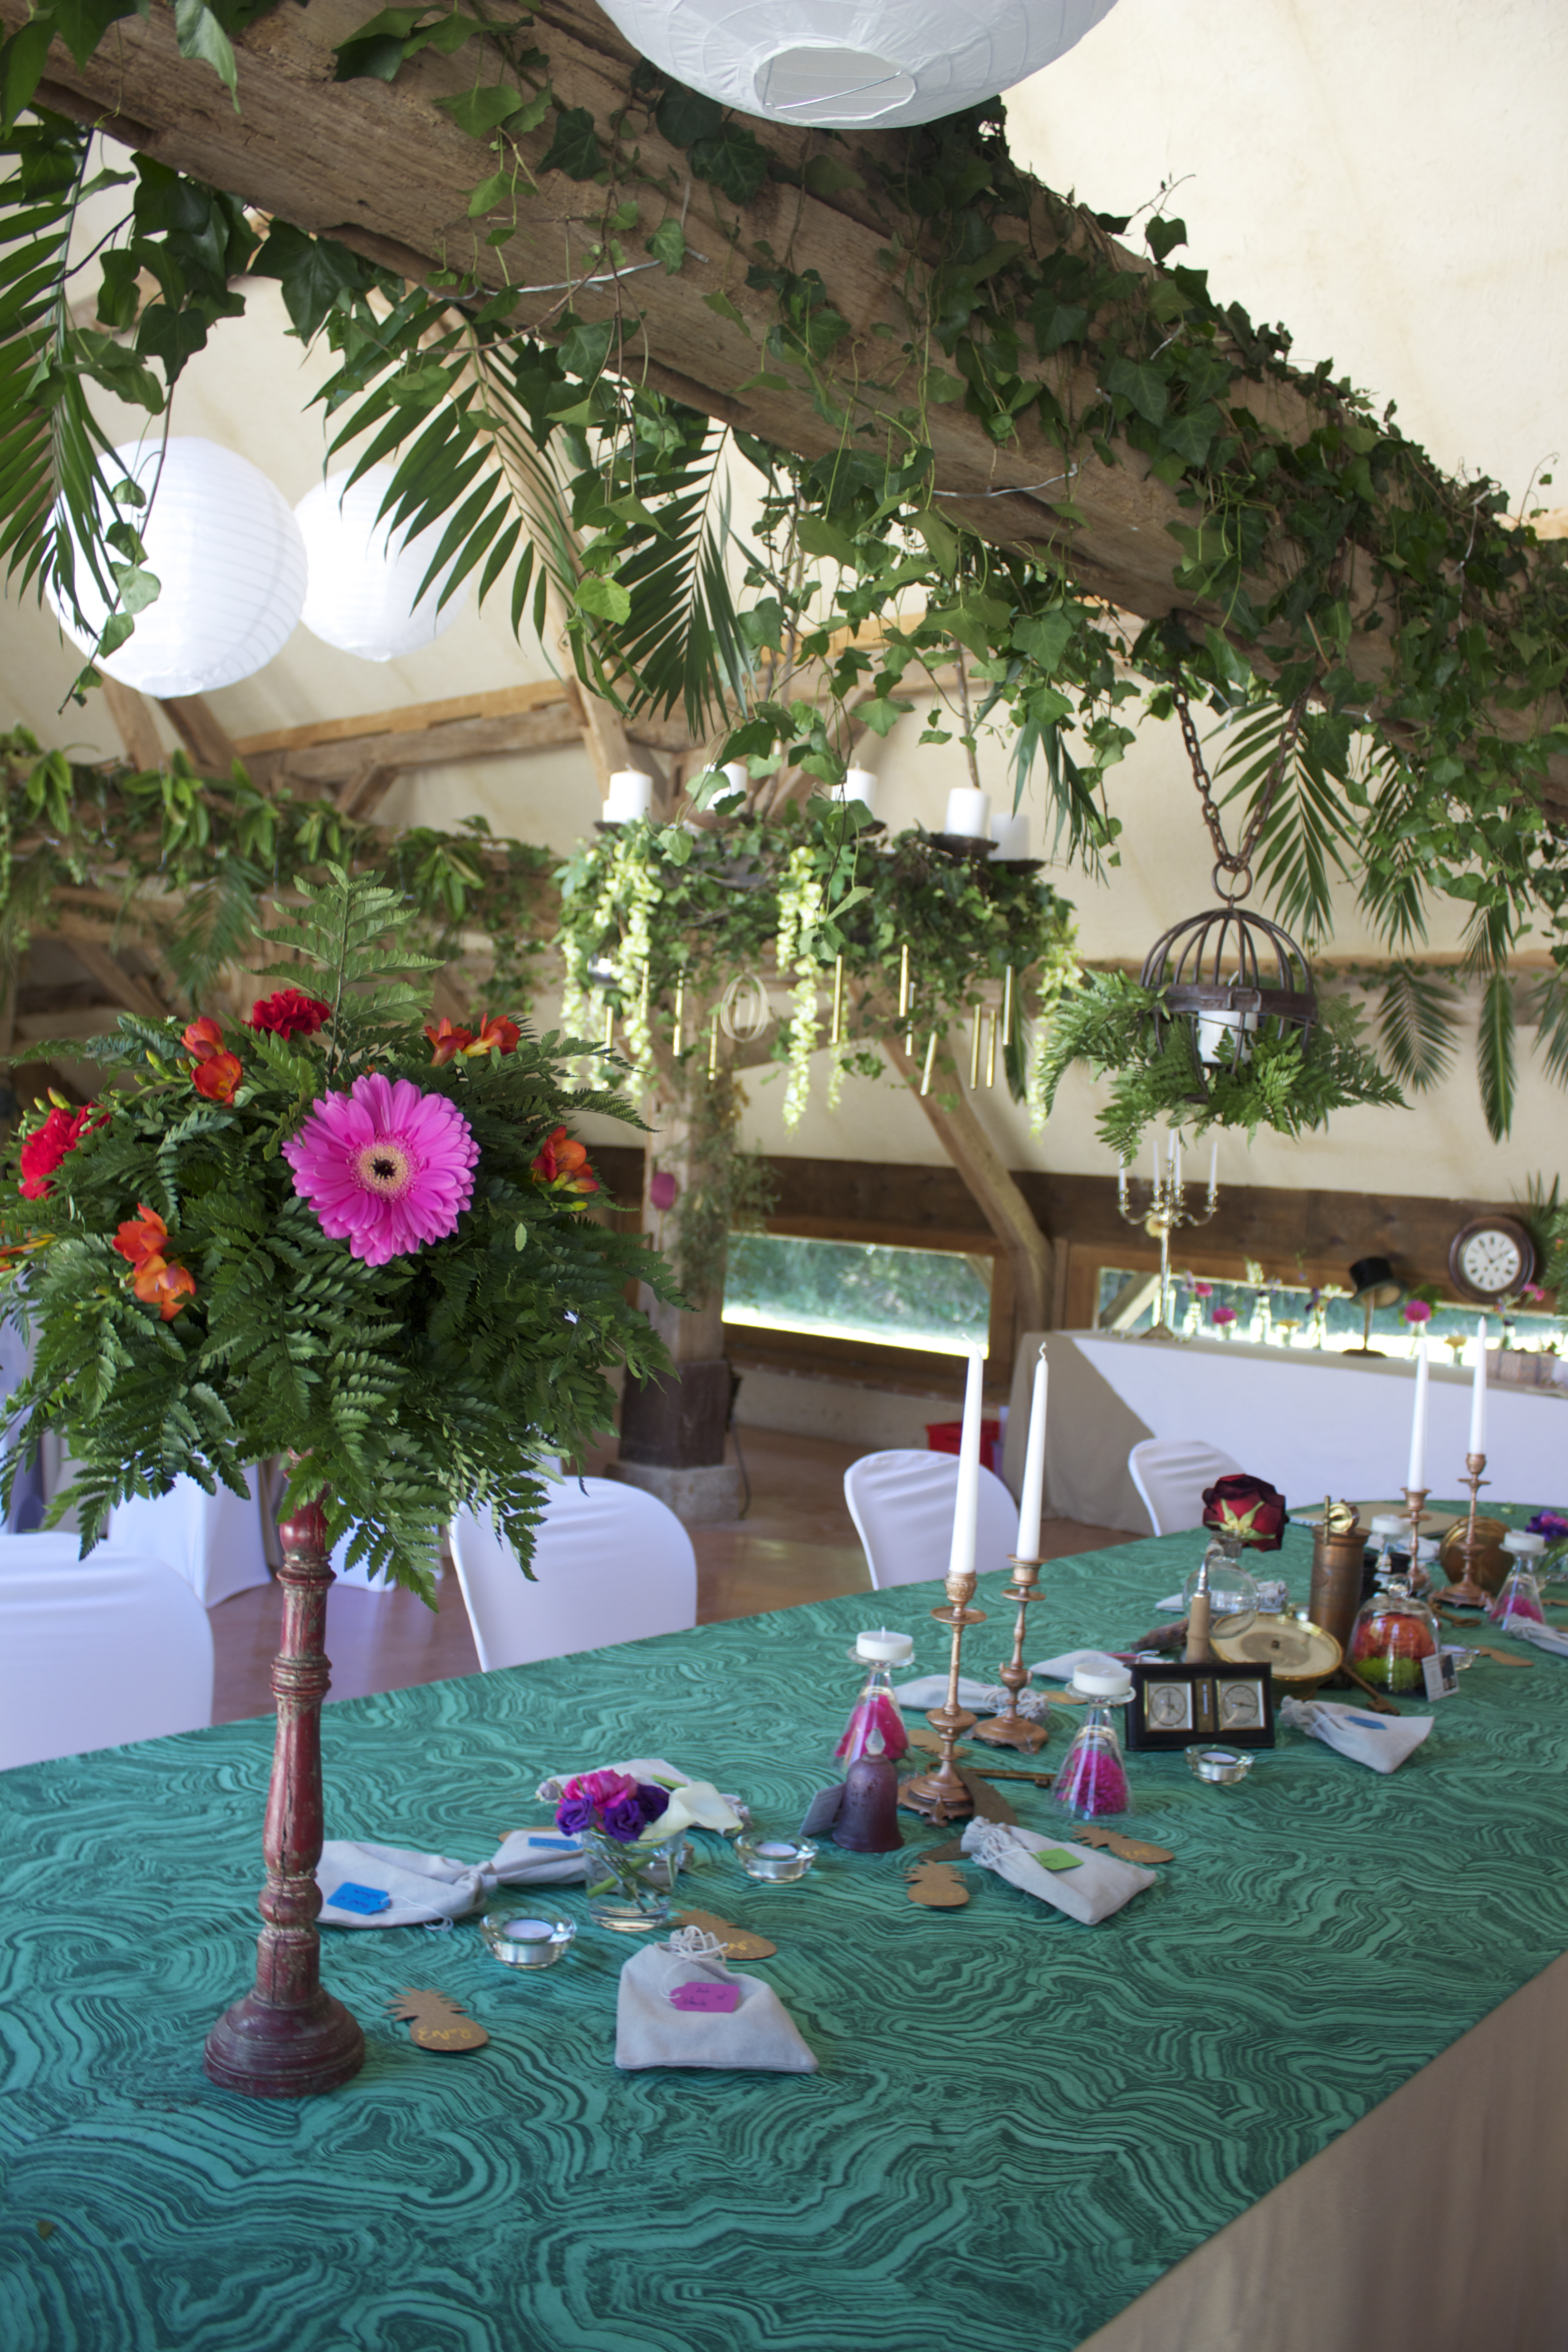 décoration florale exotique